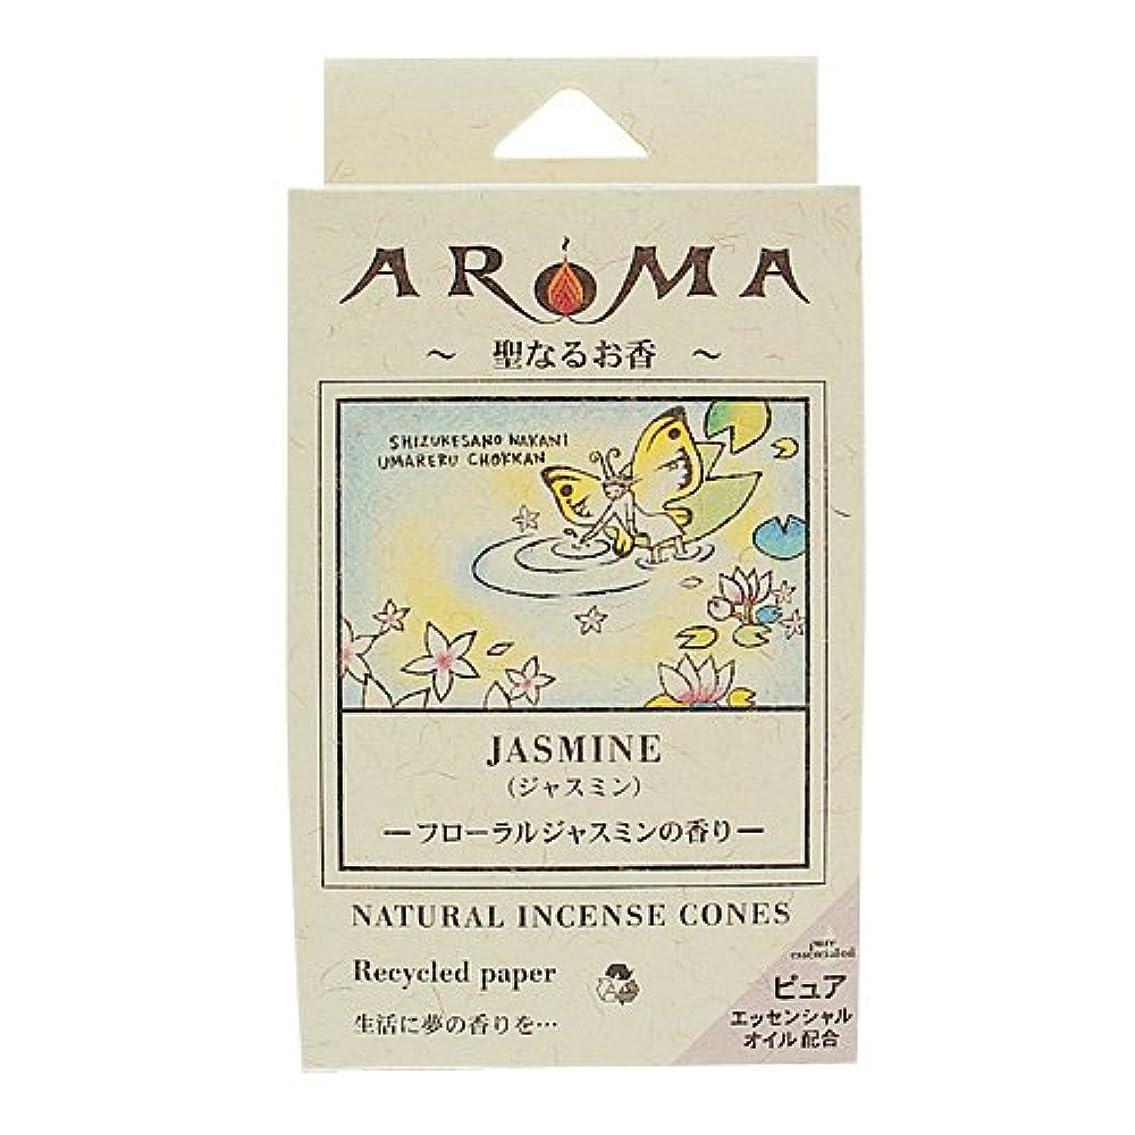 一般的な信仰ハイキングに行くアロマ香 ジャスミン 16粒(コーンタイプインセンス 1粒の燃焼時間約20分 フローラルジャスミンの香り)